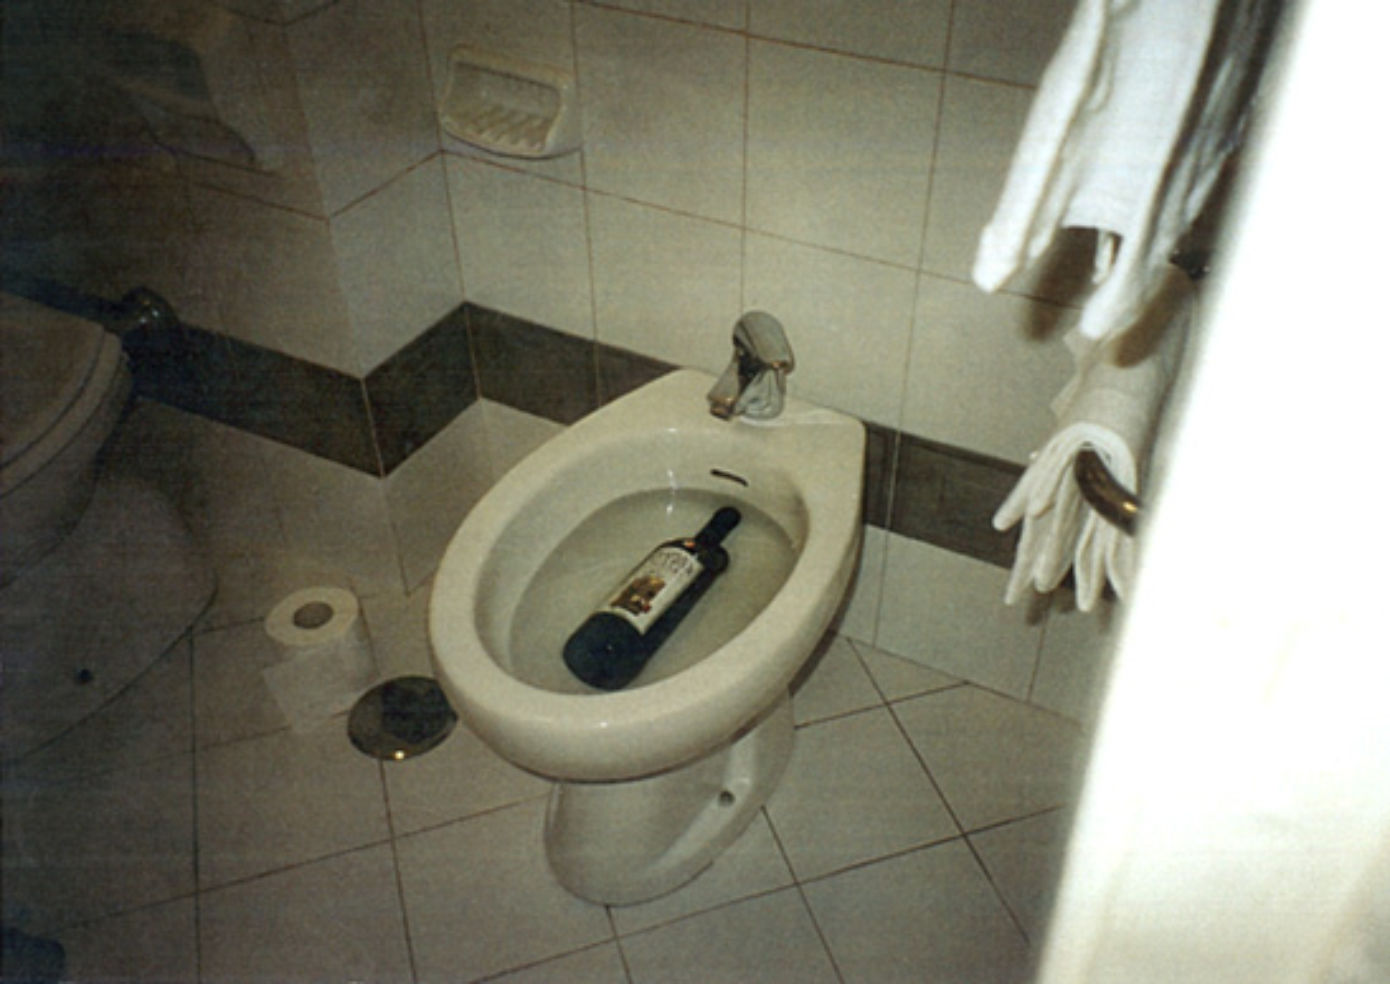 Slide Show Bad Bathroom Behavior Budget Travel